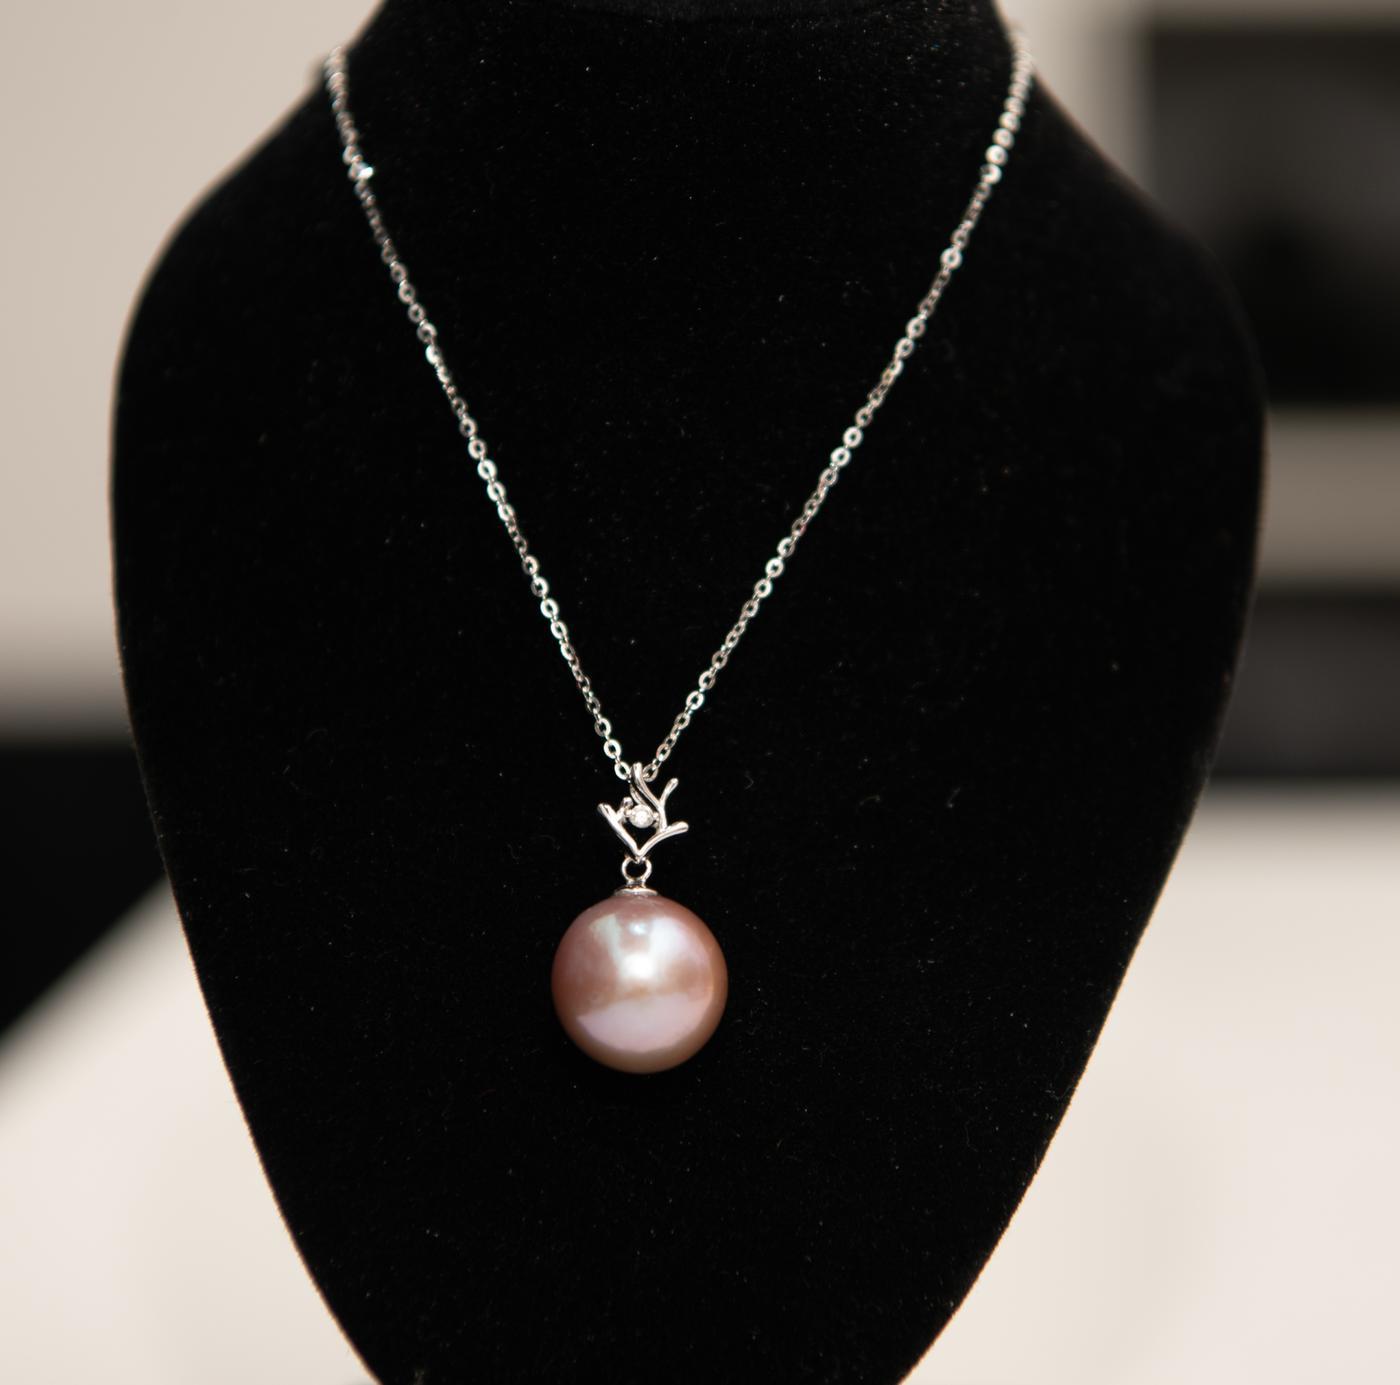 Open Rhoumbus Ivory Pearl Pendant